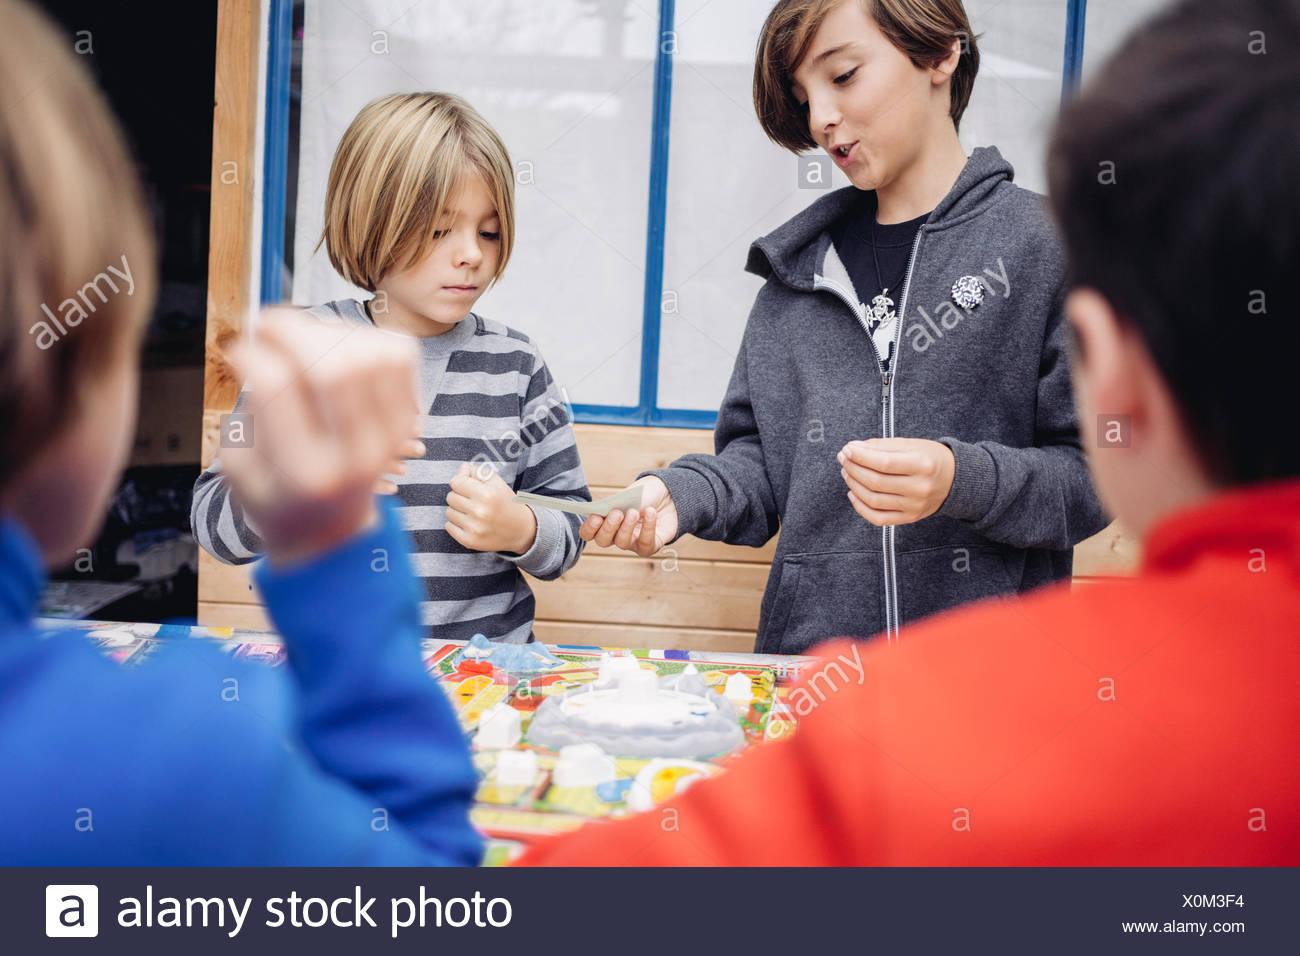 Enfants jouant avec des jouets Photo Stock